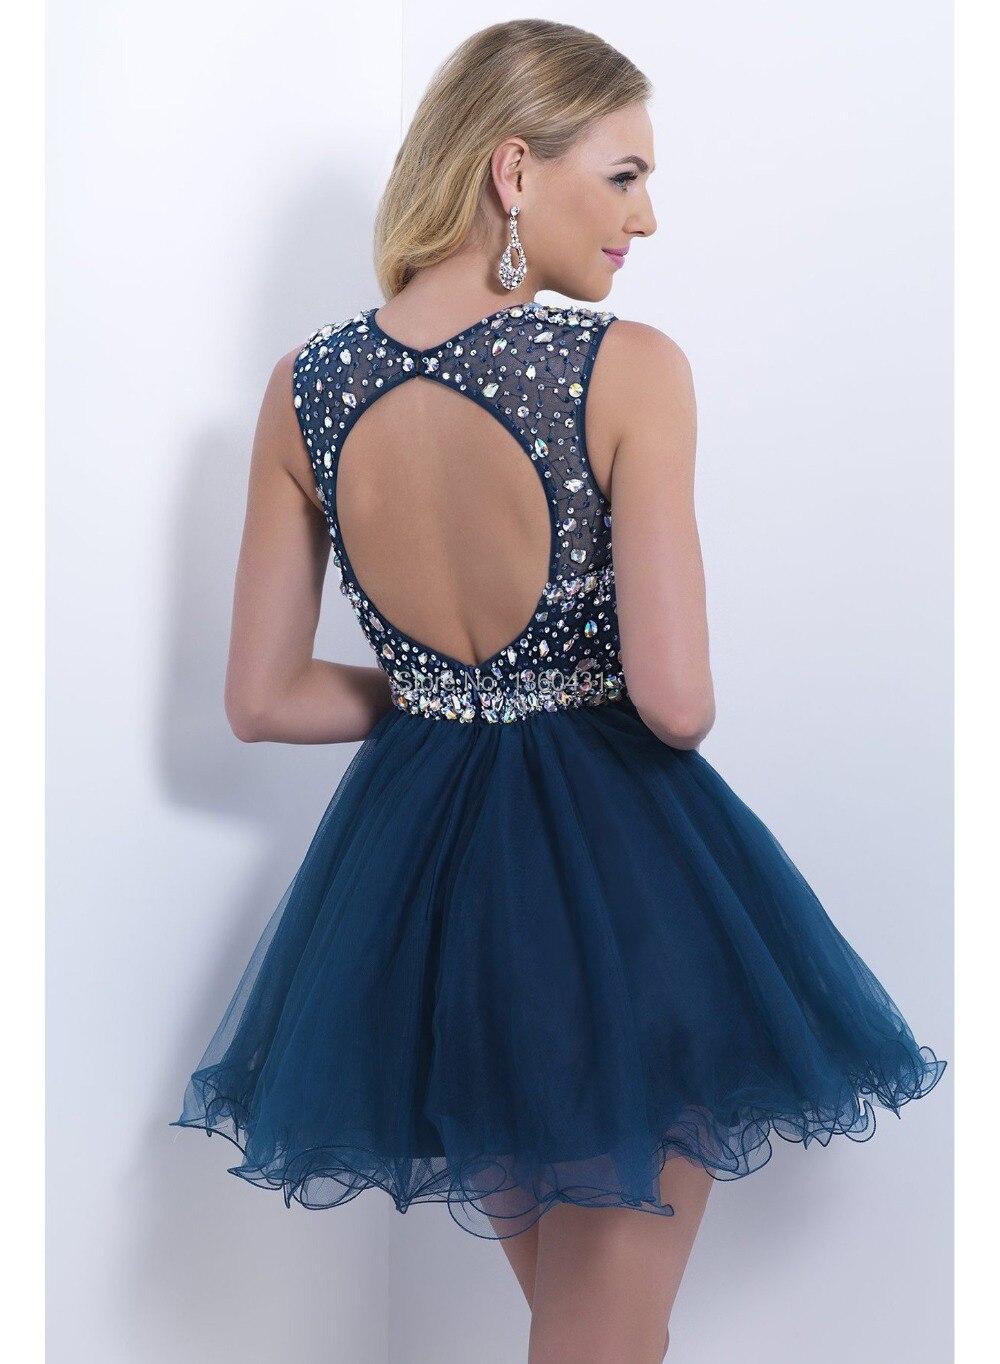 Winter Semi Formal Dresses For Juniors |